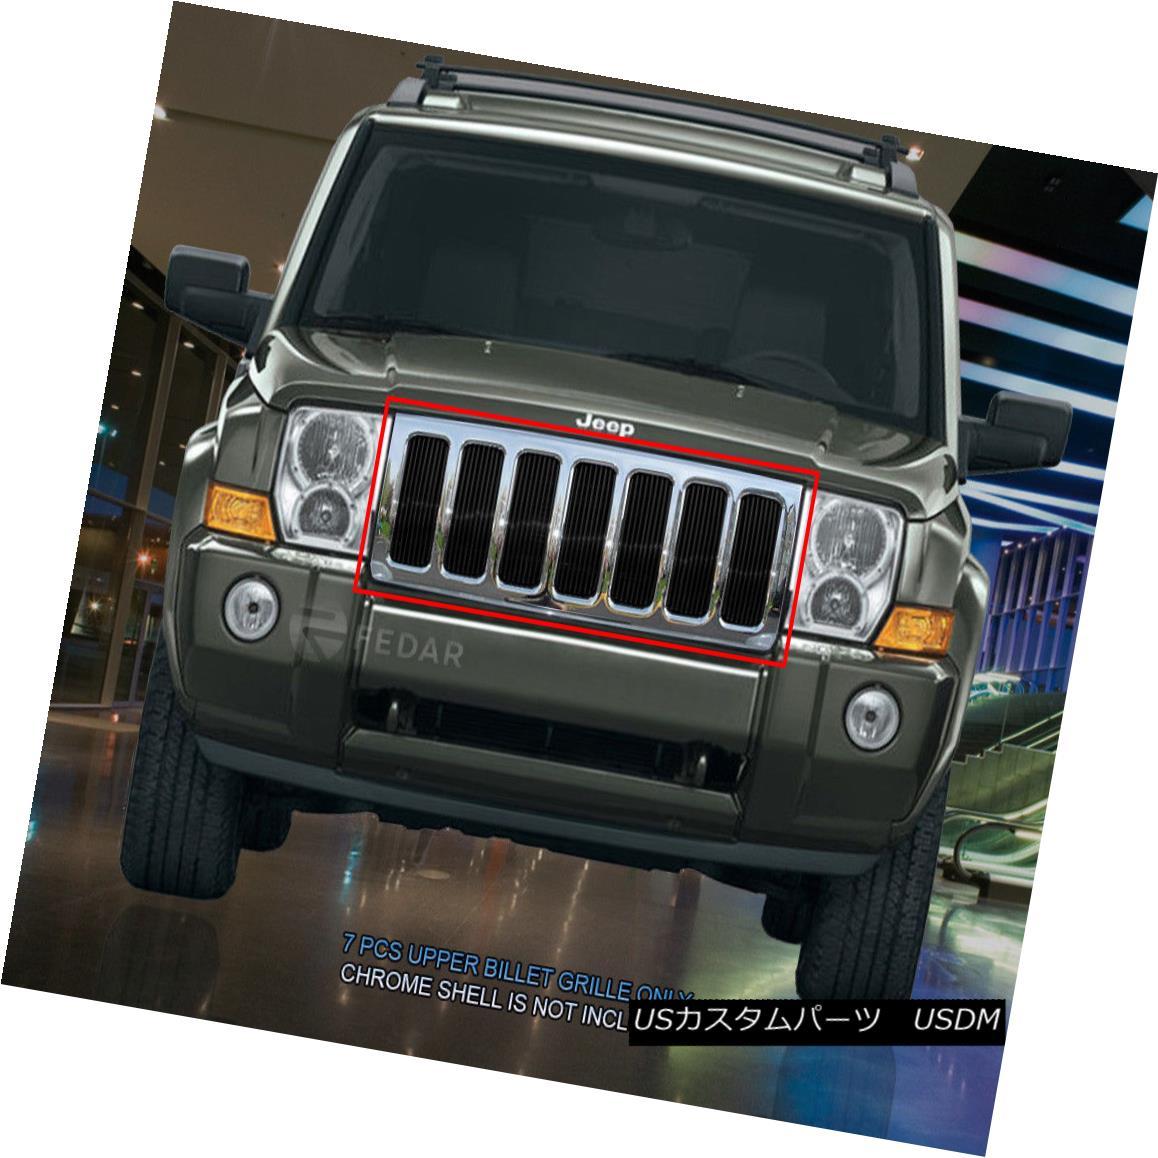 グリル Fedar Fits 2006-2010 Jeep Commander Black Billet Grille Insert Fedarは2006年から2010年までジープ・コマンダー・ブラック・ビレット・グリル・インサート